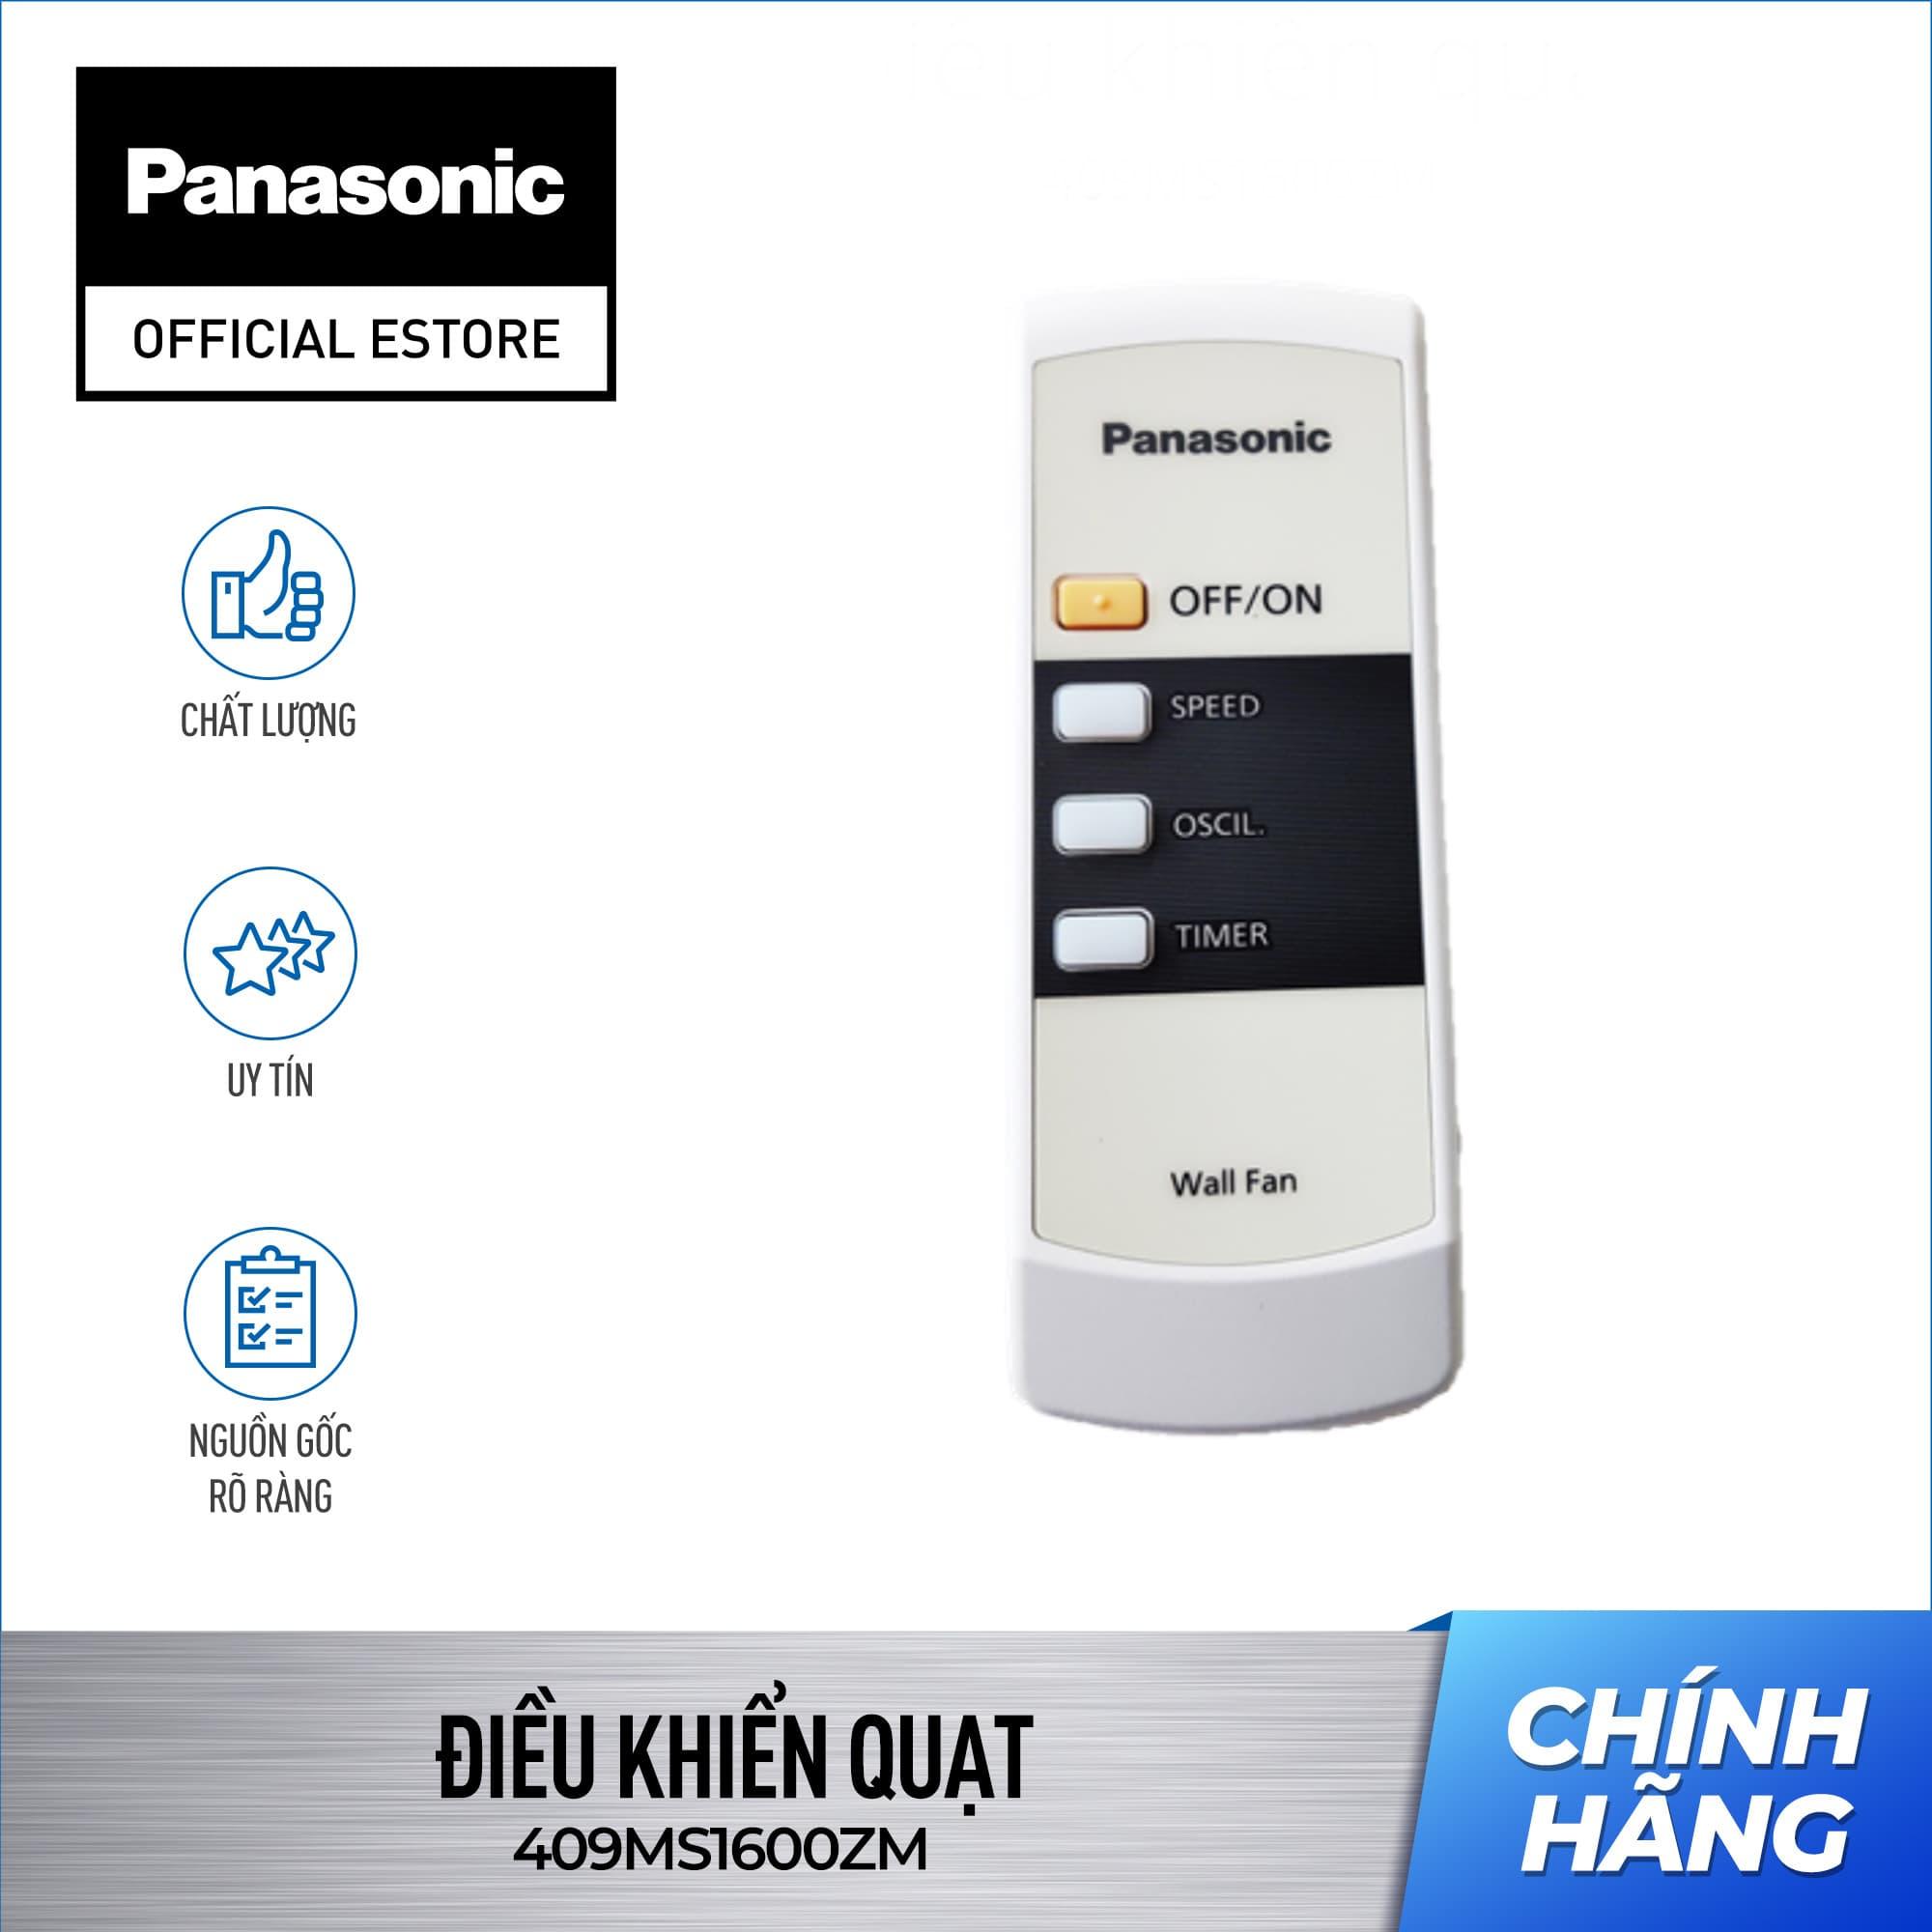 Điều khiển quạt của Quạt cây (treo) Panasonic F-409KH – Remote Quạt Panasonic F-409KH